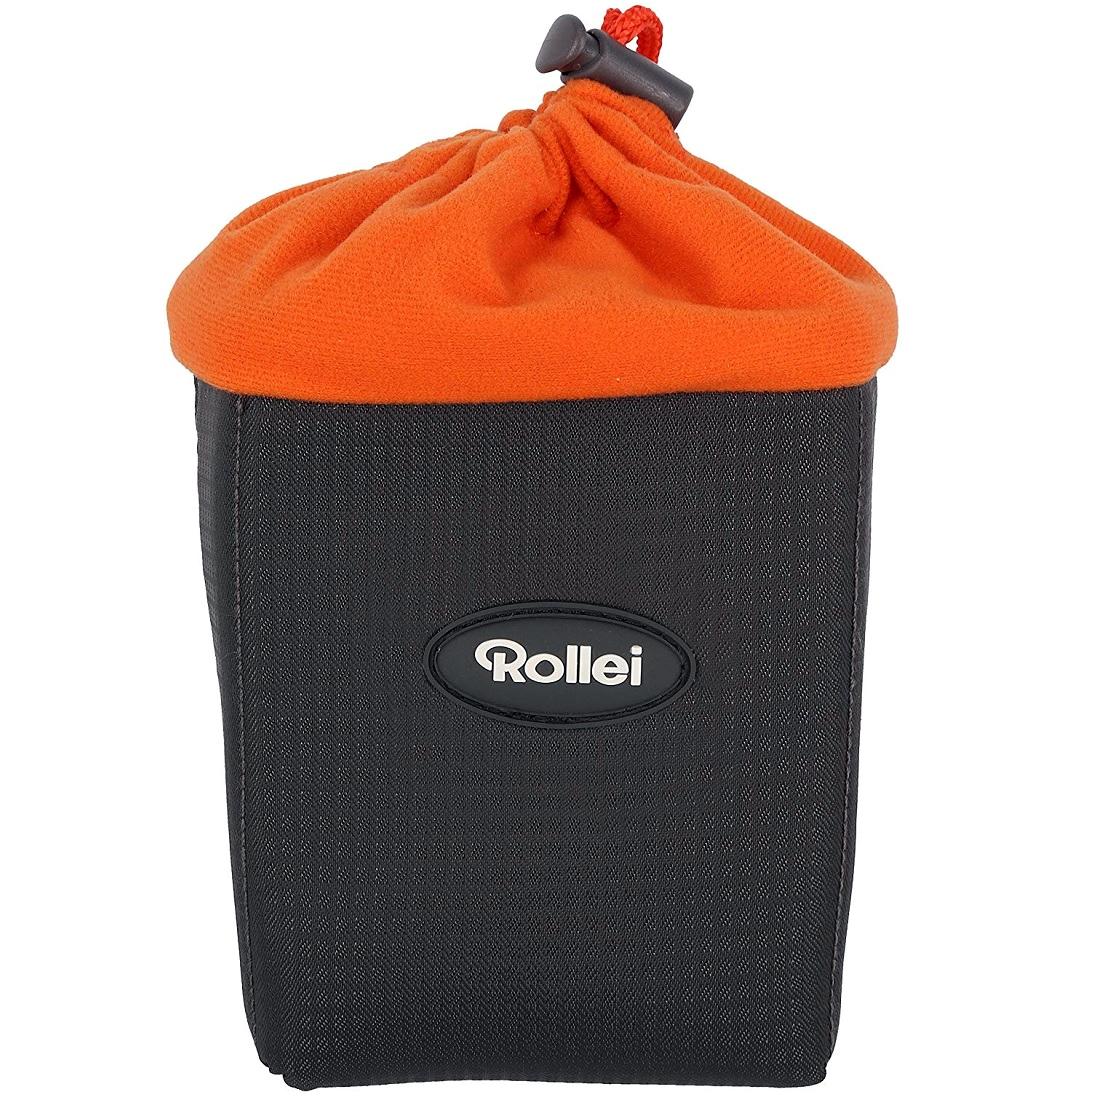 Rollei Lens Cushion Case S Schutztasche für Kamera-Objektive - 7,5 x 7,5 x 12 cm